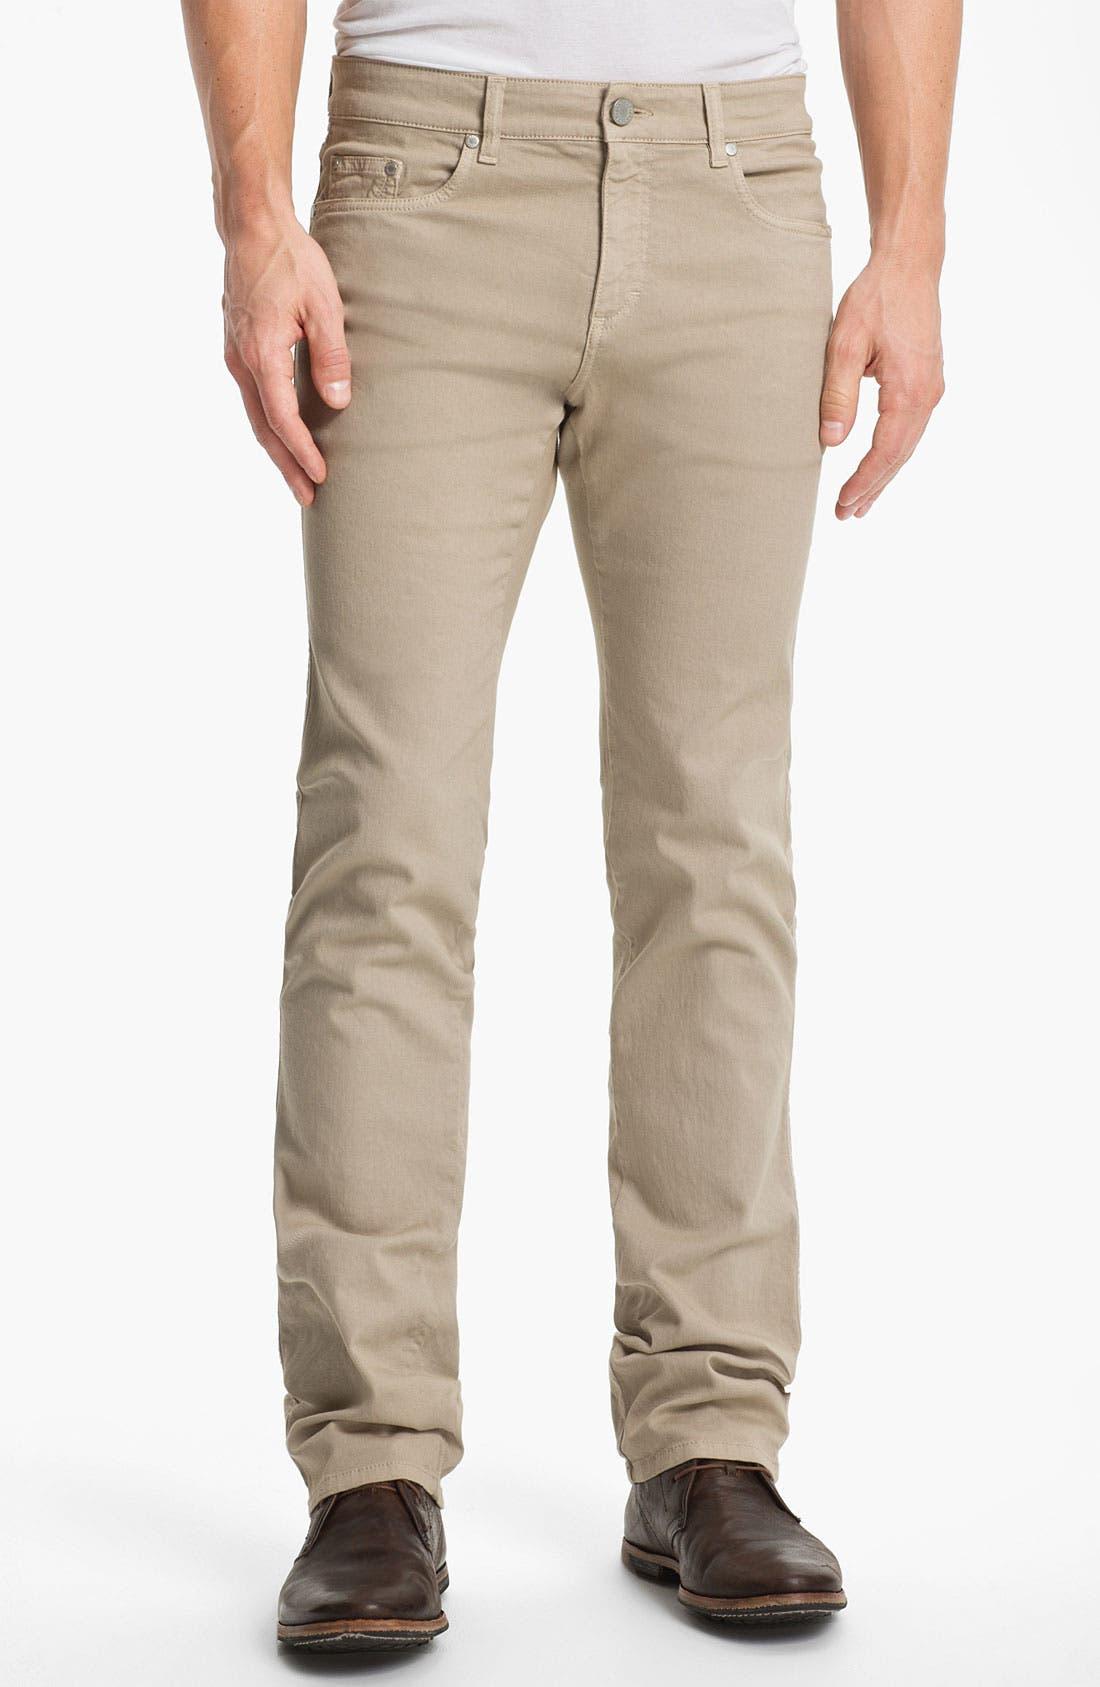 Main Image - Z Zegna Straight Leg Jeans (Light Beige)